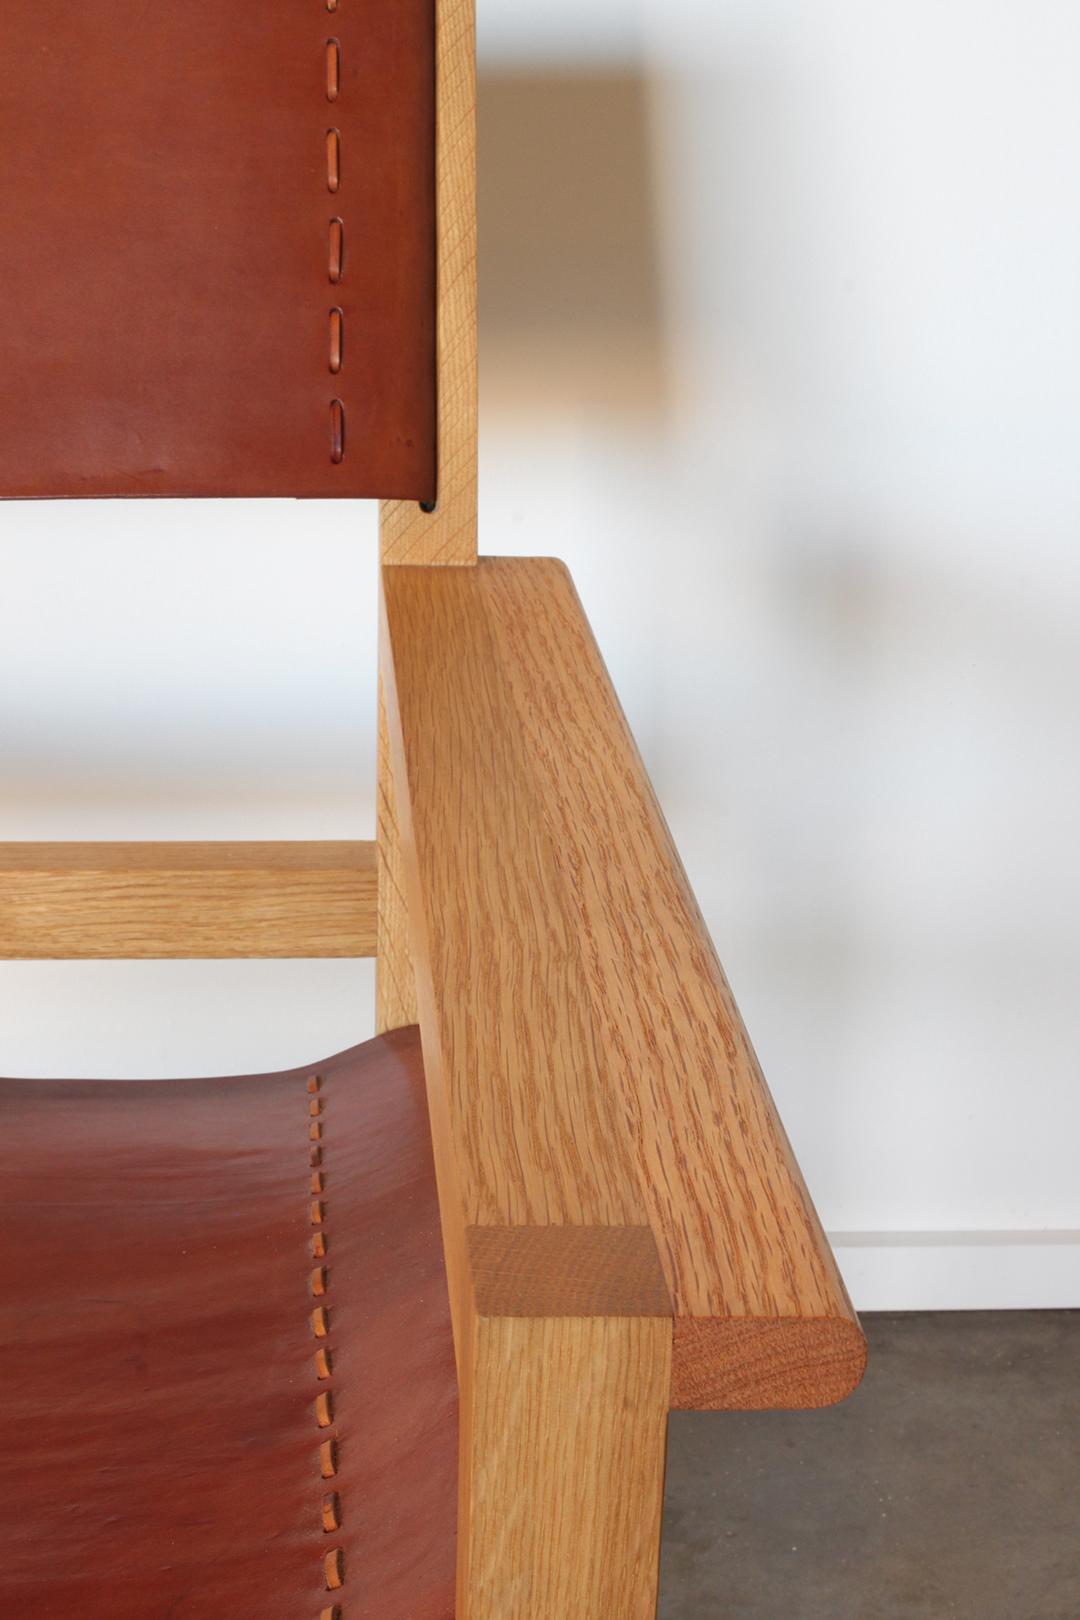 oak_lounge_chair5.jpg